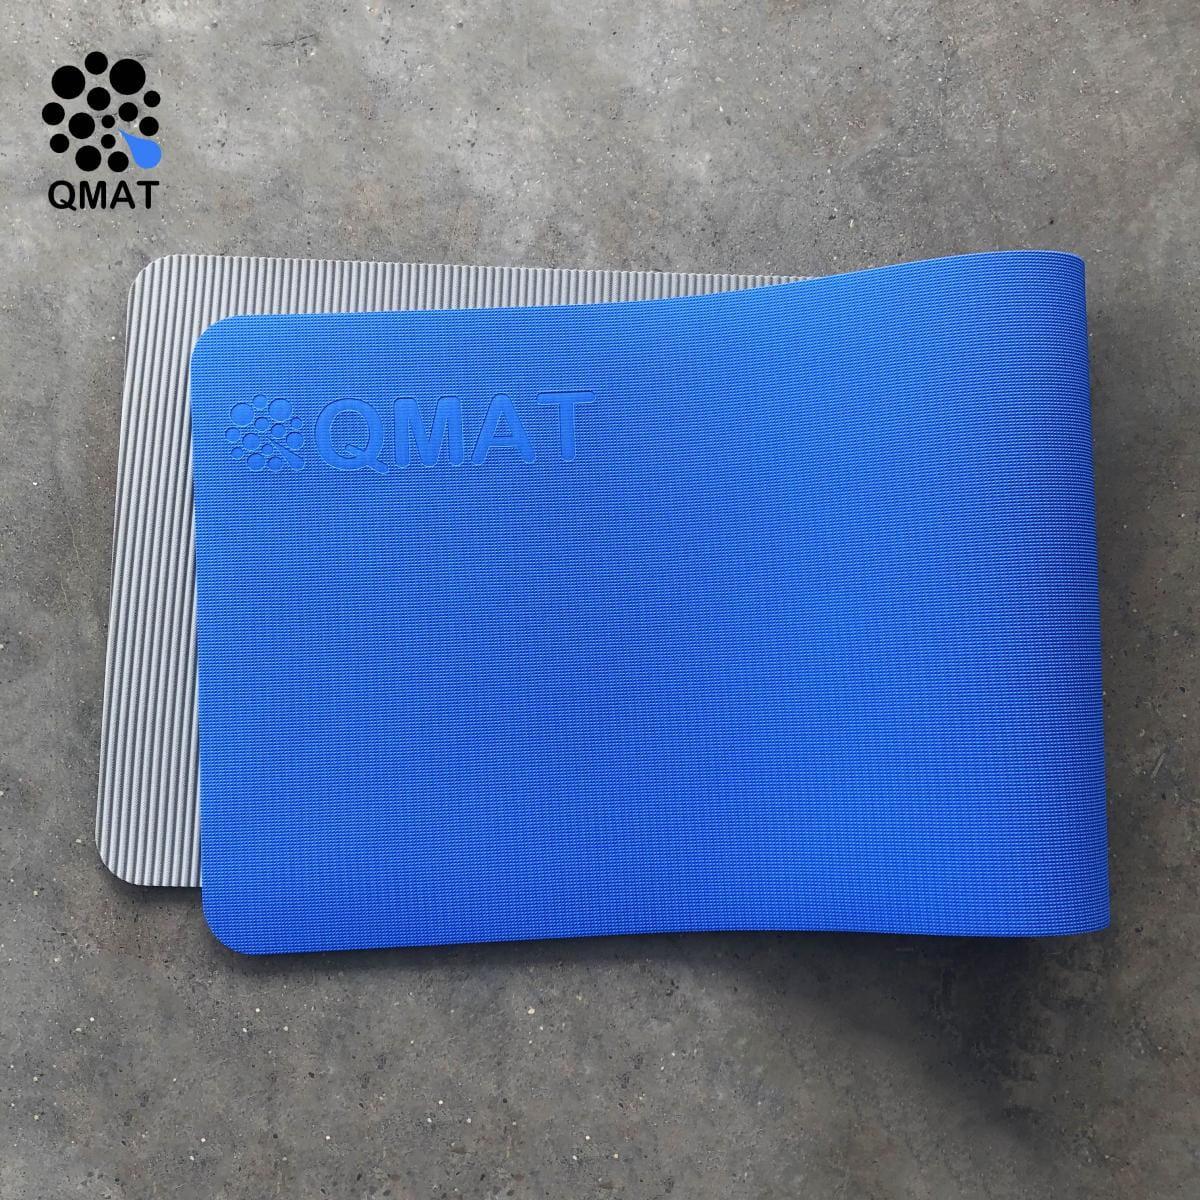 【QMAT】 10mm 雙色運動墊(共六色) 9